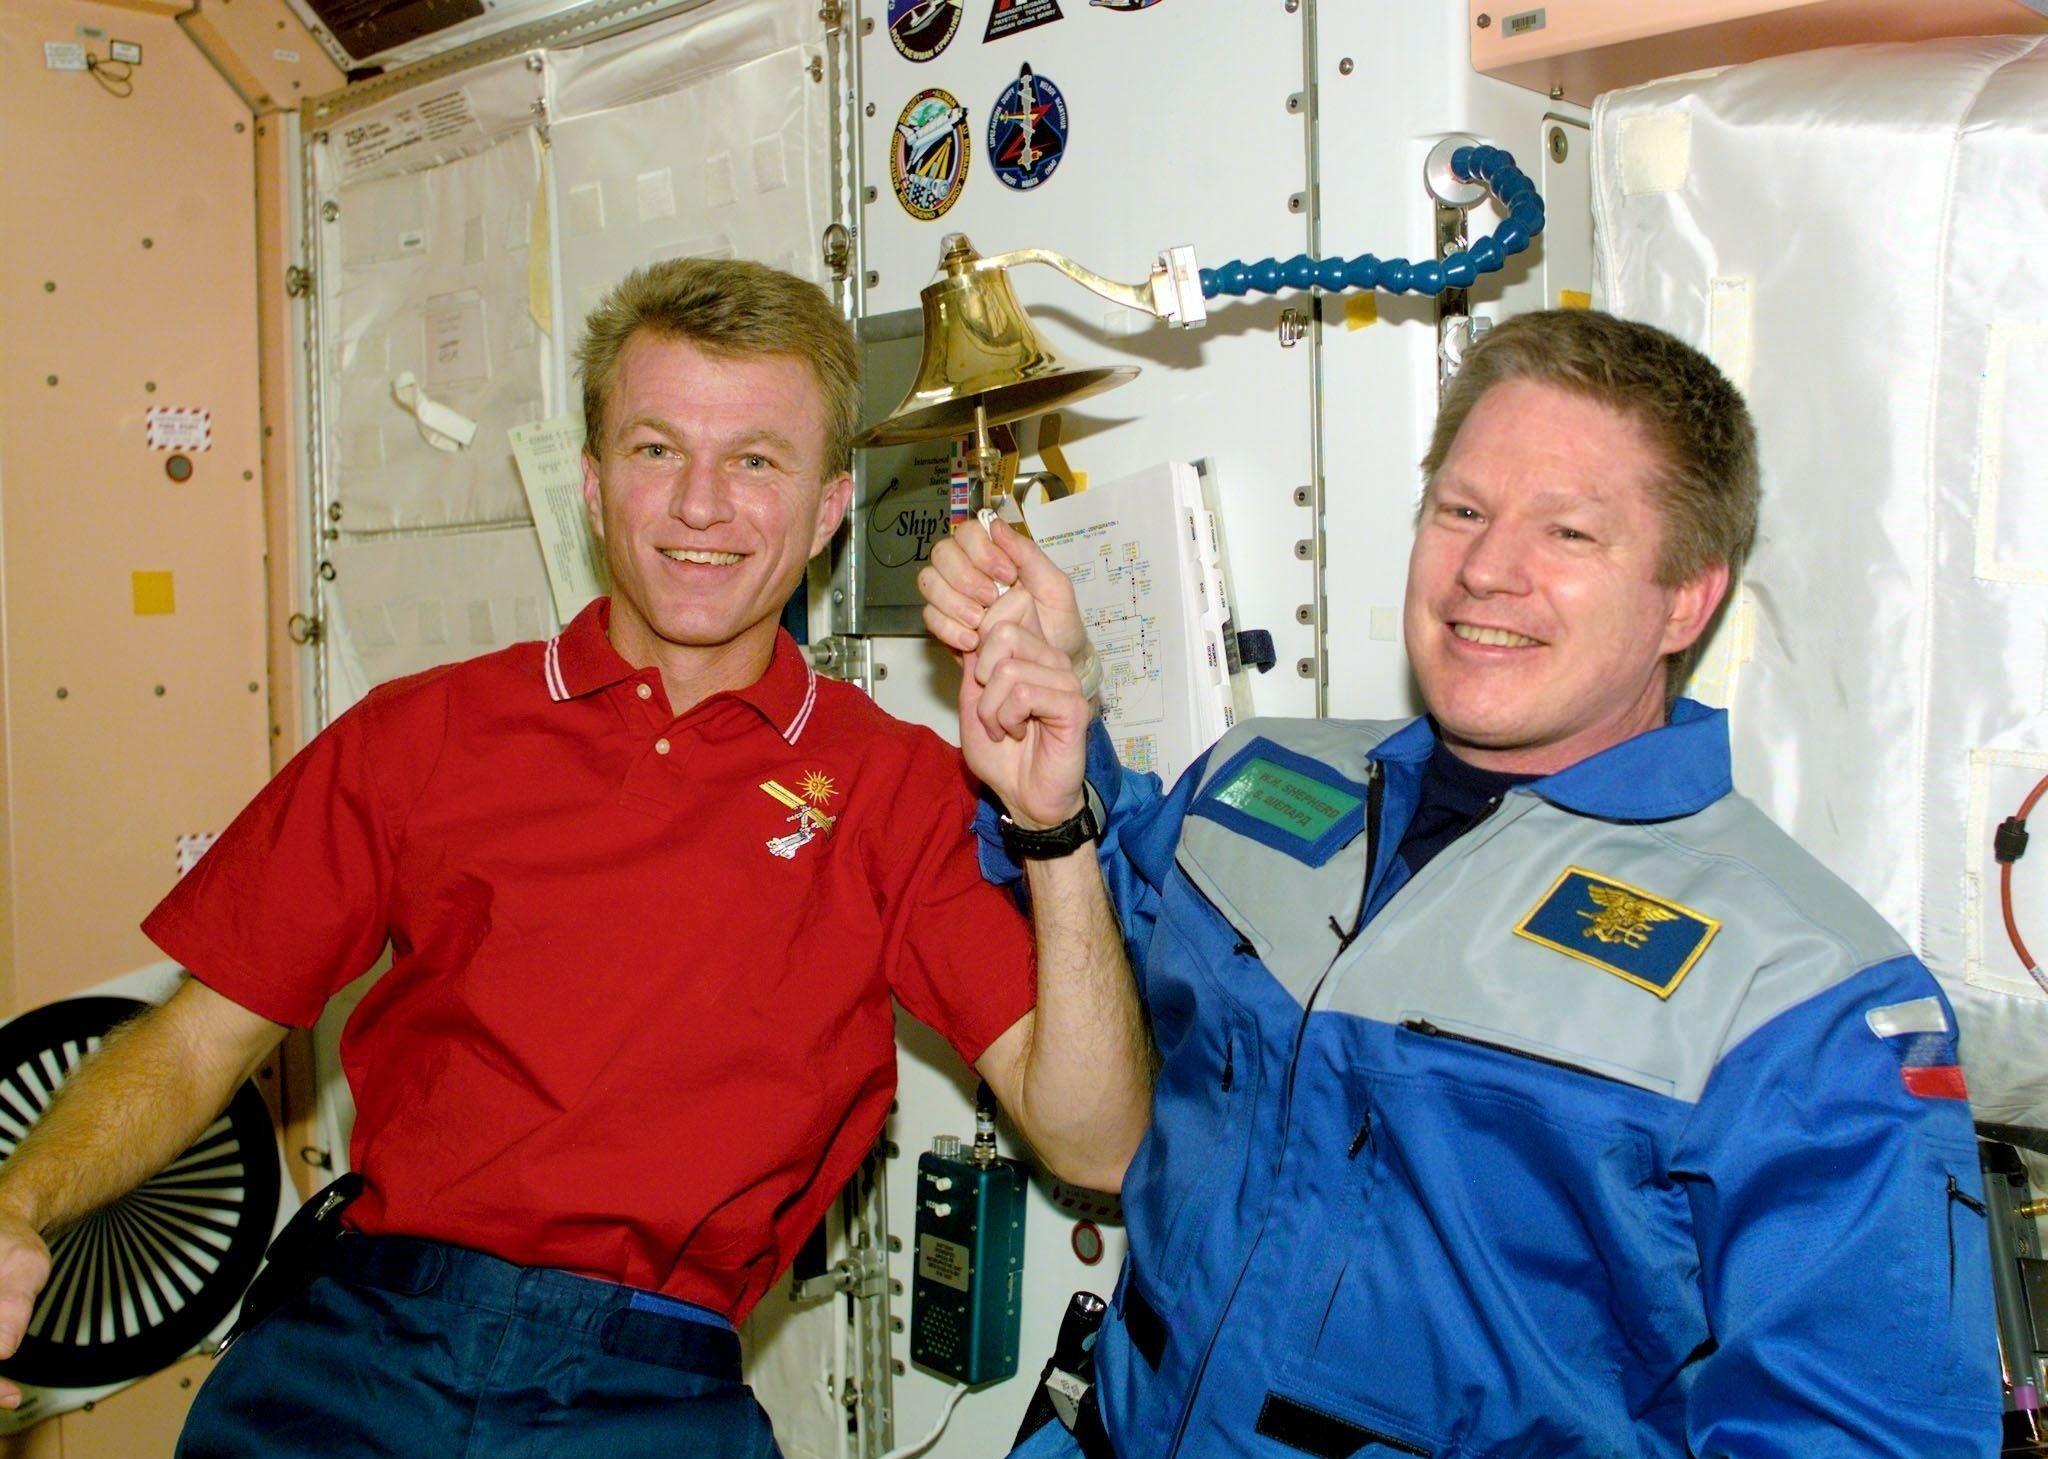 Les astronautes Brent Jett et Bill Shepherd sonnent la cloche de la Station spatiale internationale